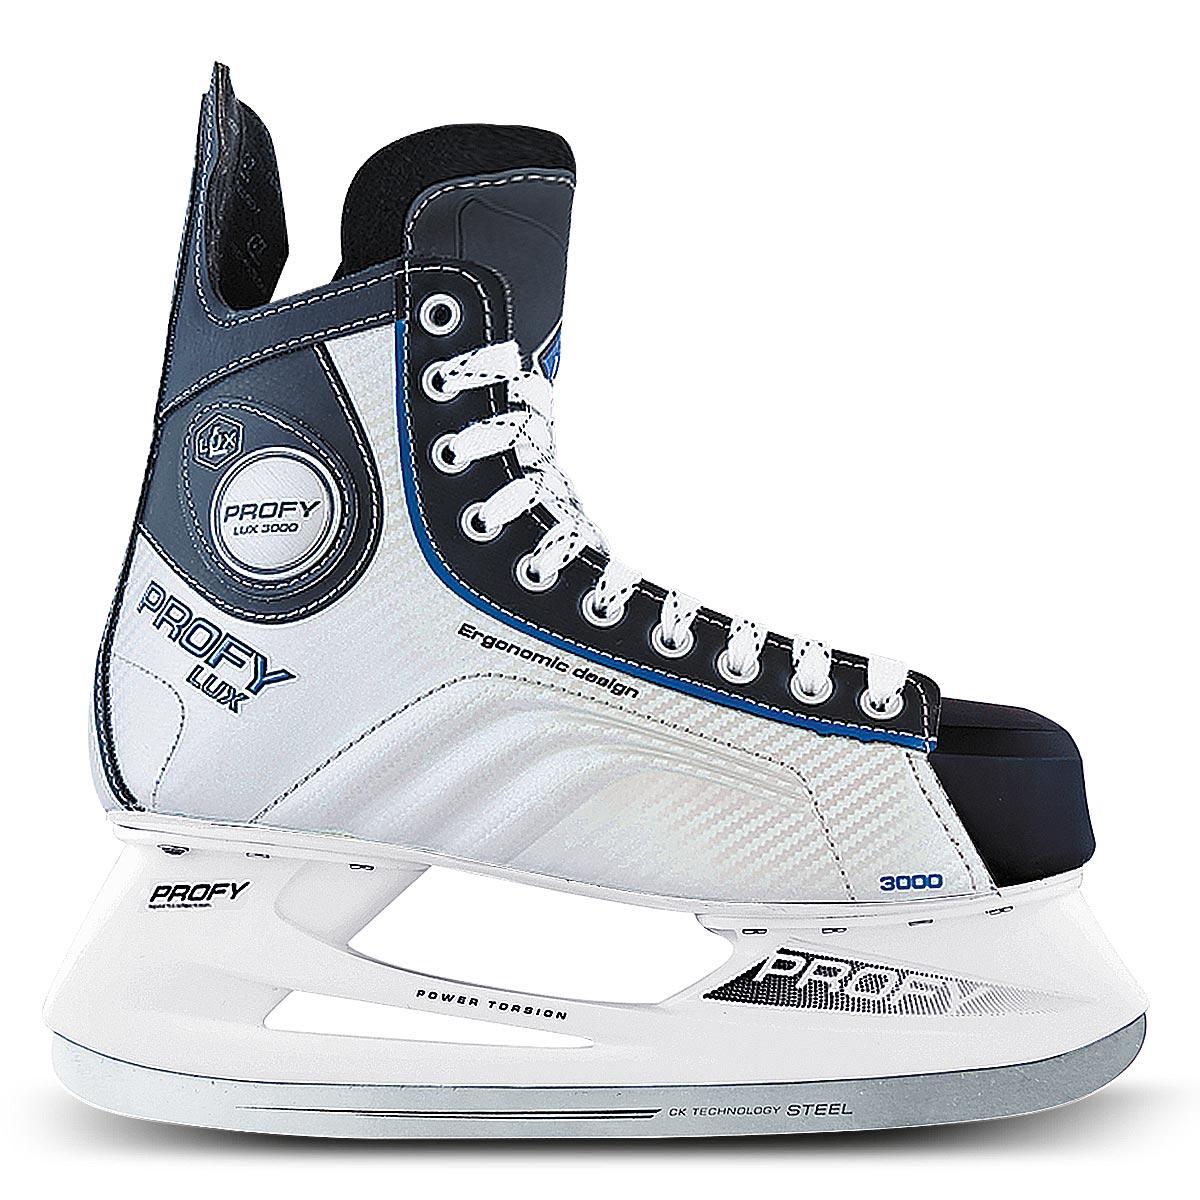 Коньки хоккейные мужские СК Profy Lux 3000, цвет: черный, серебряный, синий. Размер 37PROFY LUX 3000 Blue_37Коньки хоккейные мужские СК Profy Lux 3000 прекрасно подойдут для профессиональных игроков в хоккей. Ботинок выполнен из морозоустойчивой искусственной кожи и специального резистентного ПВХ, а язычок - из двухслойного войлока и искусственной кожи. Слоевая композитная технология позволила изготовить ботинок, полностью обволакивающий ногу. Это обеспечивает прочную и удобную фиксацию ноги, повышает защиту от ударов. Ботинок изготовлен с учетом антропометрии стоп россиян, что обеспечивает комфорт и устойчивость ноги, правильное распределение нагрузки, сильно снижает травмоопасность. Конструкция носка ботинка, изготовленного из ударопрочного энергопоглощающего термопластичного полиуретана Hytrel® (DuPont), обеспечивает увеличенную надежность защиты передней части ступни от ударов. Усиленные боковины ботинка из формованного PVC укрепляют боковую часть ботинка и дополнительно защищают ступню от ударов за счет поглощения энергии. Тип застежки ботинок – классическая шнуровка. Стелька из упругого пенного полимерного материала EVA гарантирует комфортное положение ноги в ботинке, обеспечивает быструю адаптацию ботинка к индивидуальным формам ноги, не теряет упругости при изменении температуры и не разрушается от воздействия пота и влаги. Легкая прочная низкопрофильная полимерная подошва инжекционного формования практически без потерь передает энергию от толчка ноги к лезвию – быстрее набор скорости, резче повороты и остановки, острее чувство льда. Лезвие из нержавеющей стали 420J обеспечит превосходное скольжение.